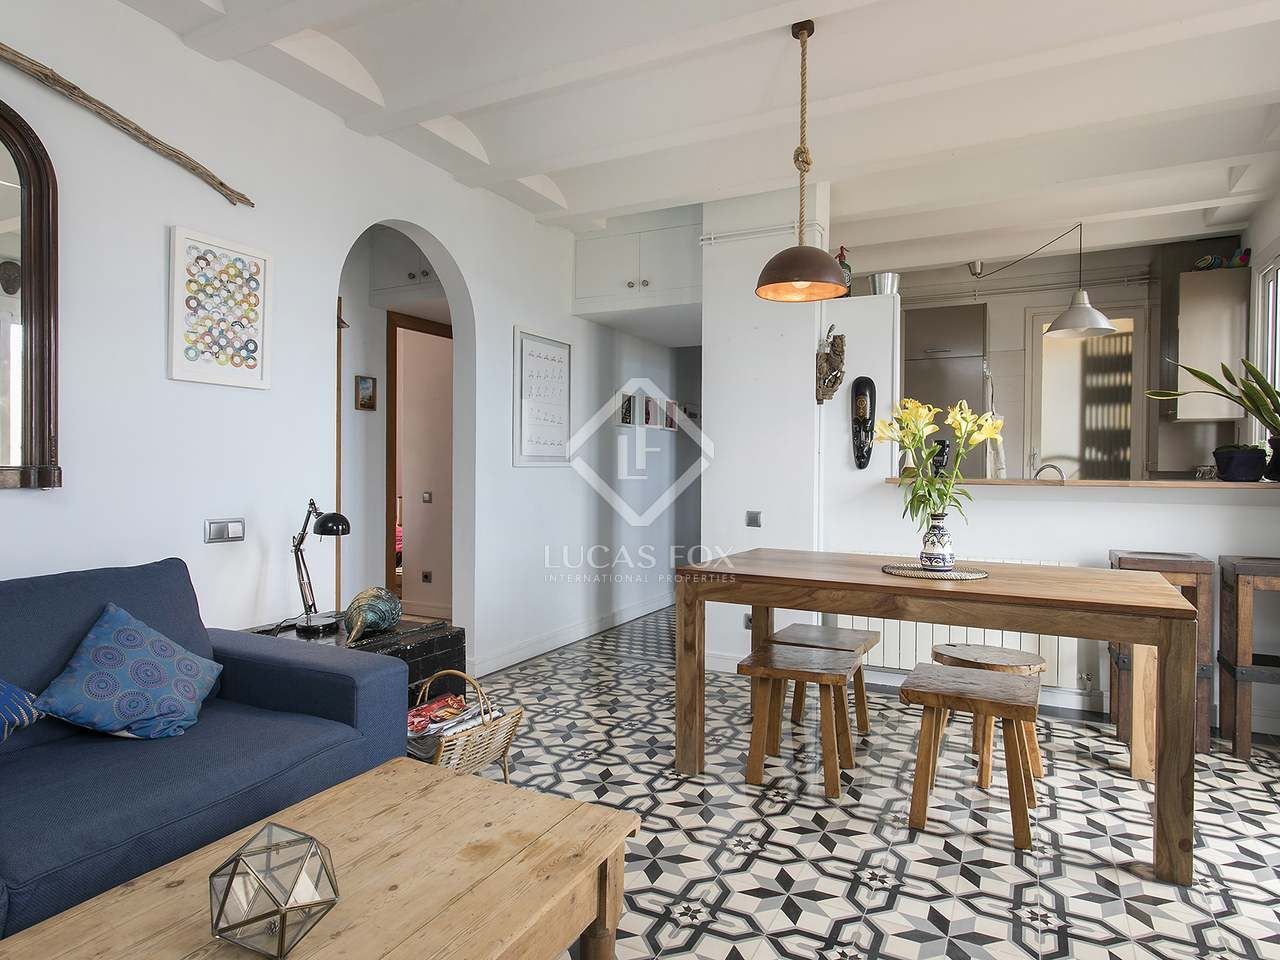 Appartement de 70m a louer barceloneta barcelone for Appartement a louer a barcelone avec piscine